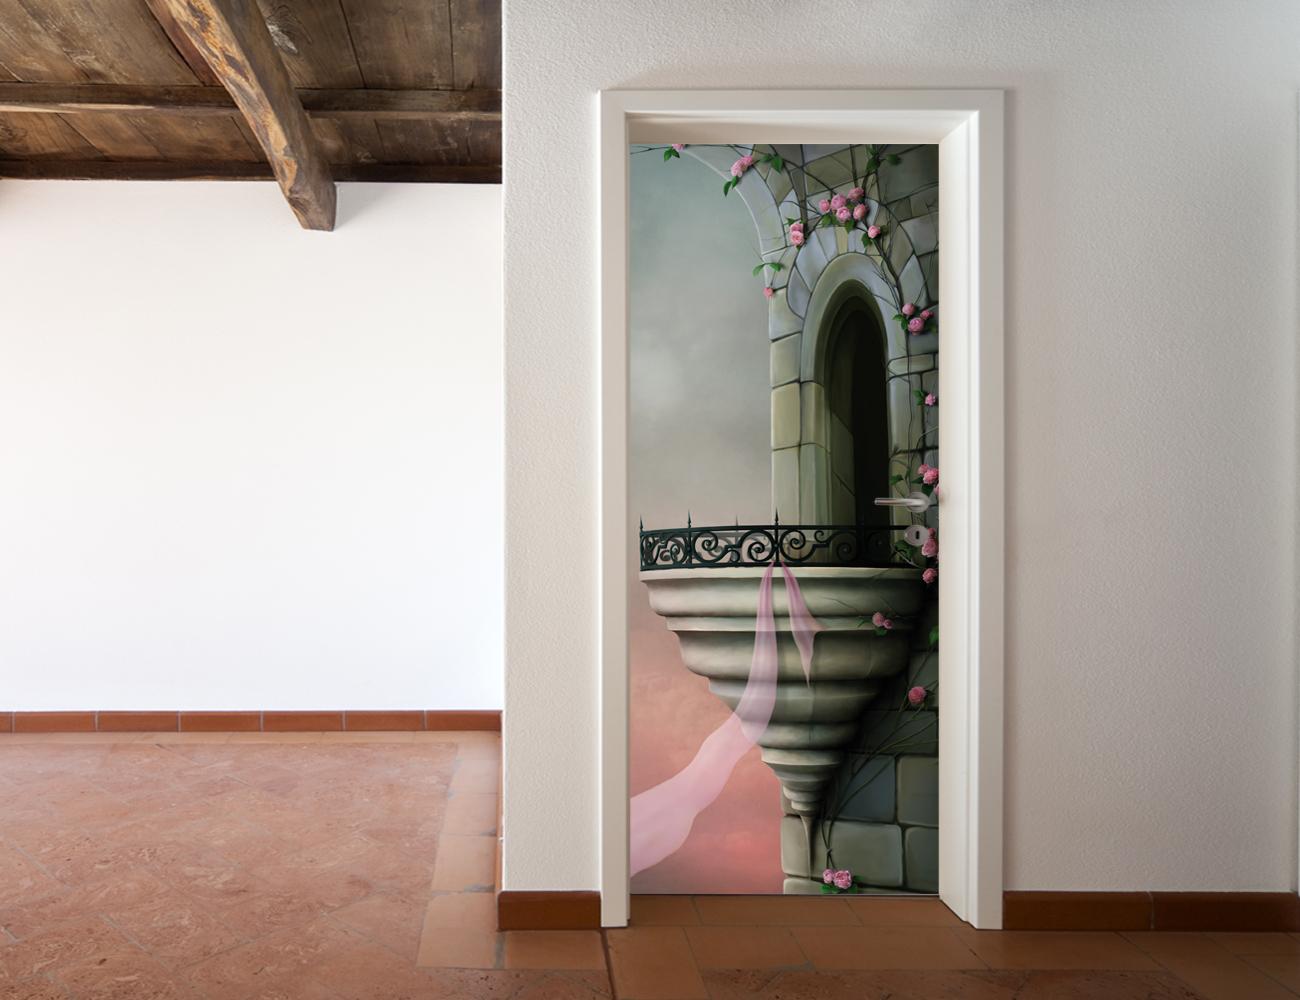 Adesivi follia adesivo per porte balcone - Adesivi decorativi per porte ...